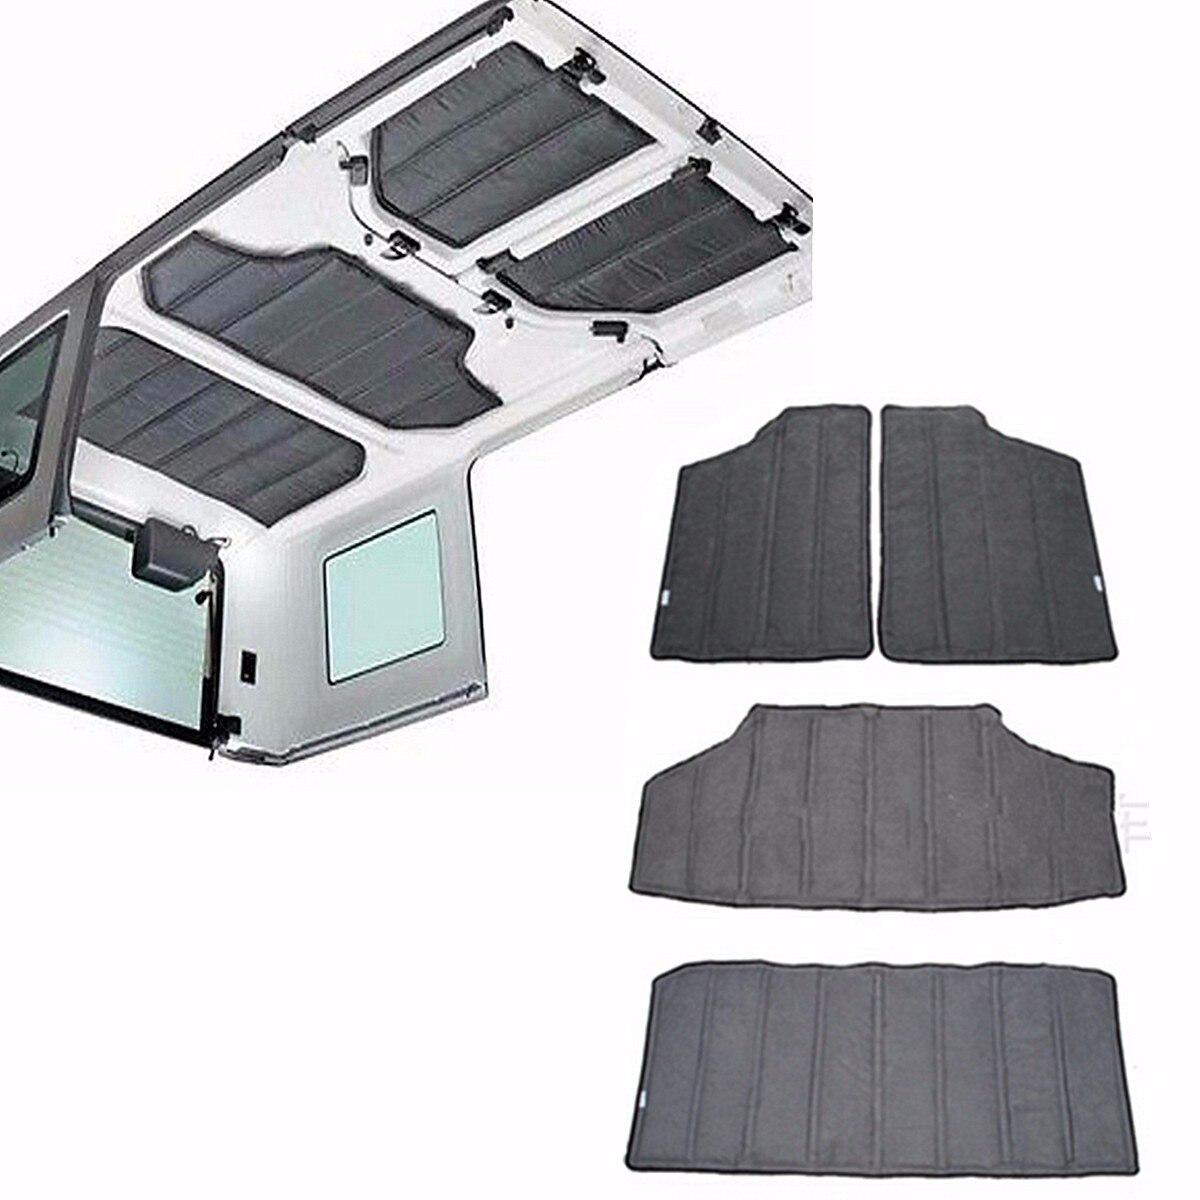 4 pièces Hardtop Son Isolation Thermique Coton Kit 4 Portes Pour Jeep Wrangler JK 2012 2013 2014 2015 2016 Accessoires de voiture